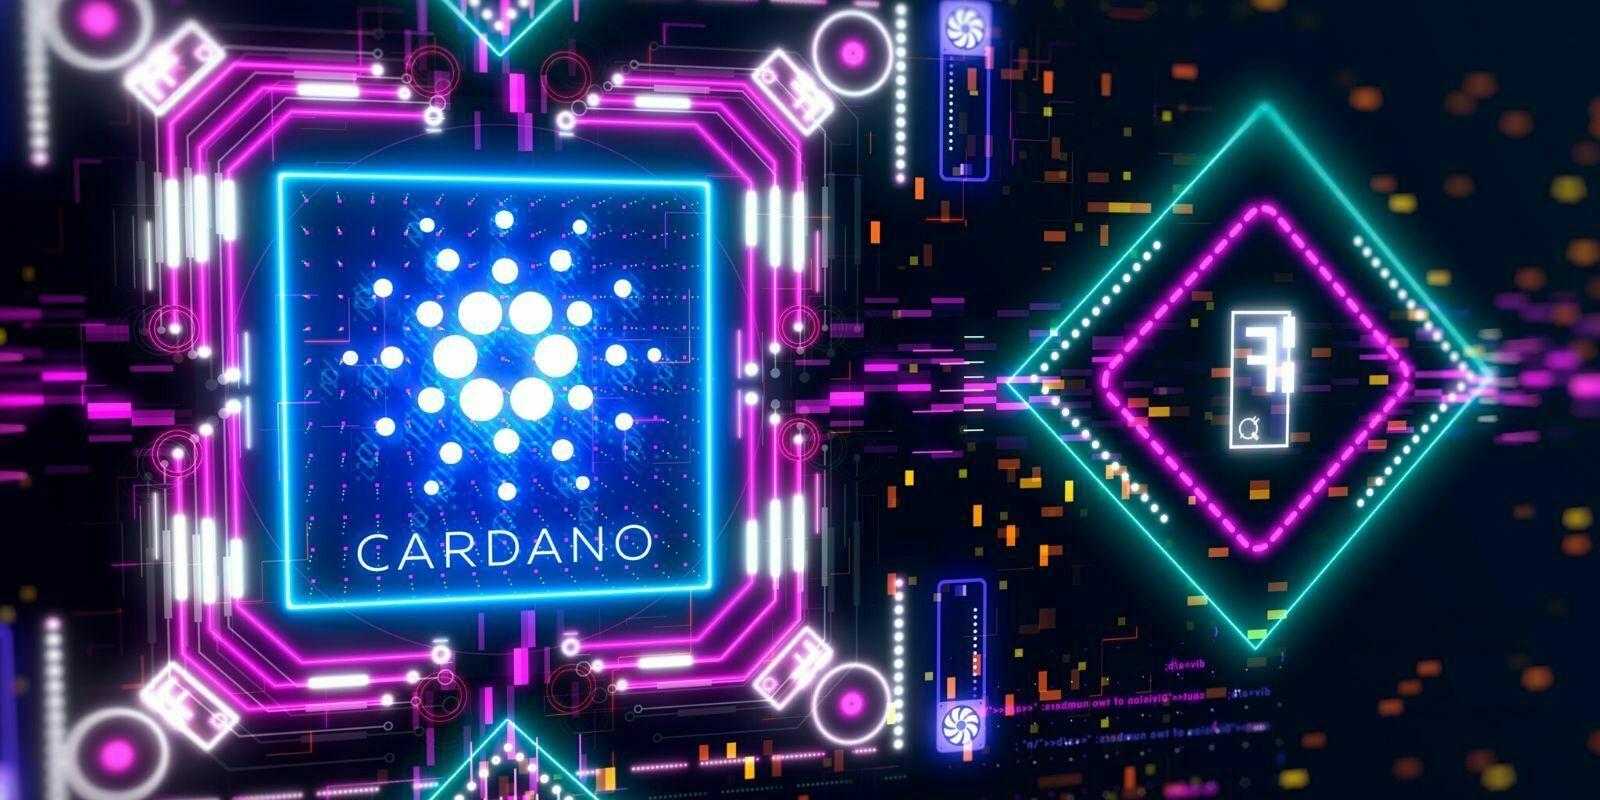 Cardano (ADA) lance avec succès la première version du mainnet Shelley